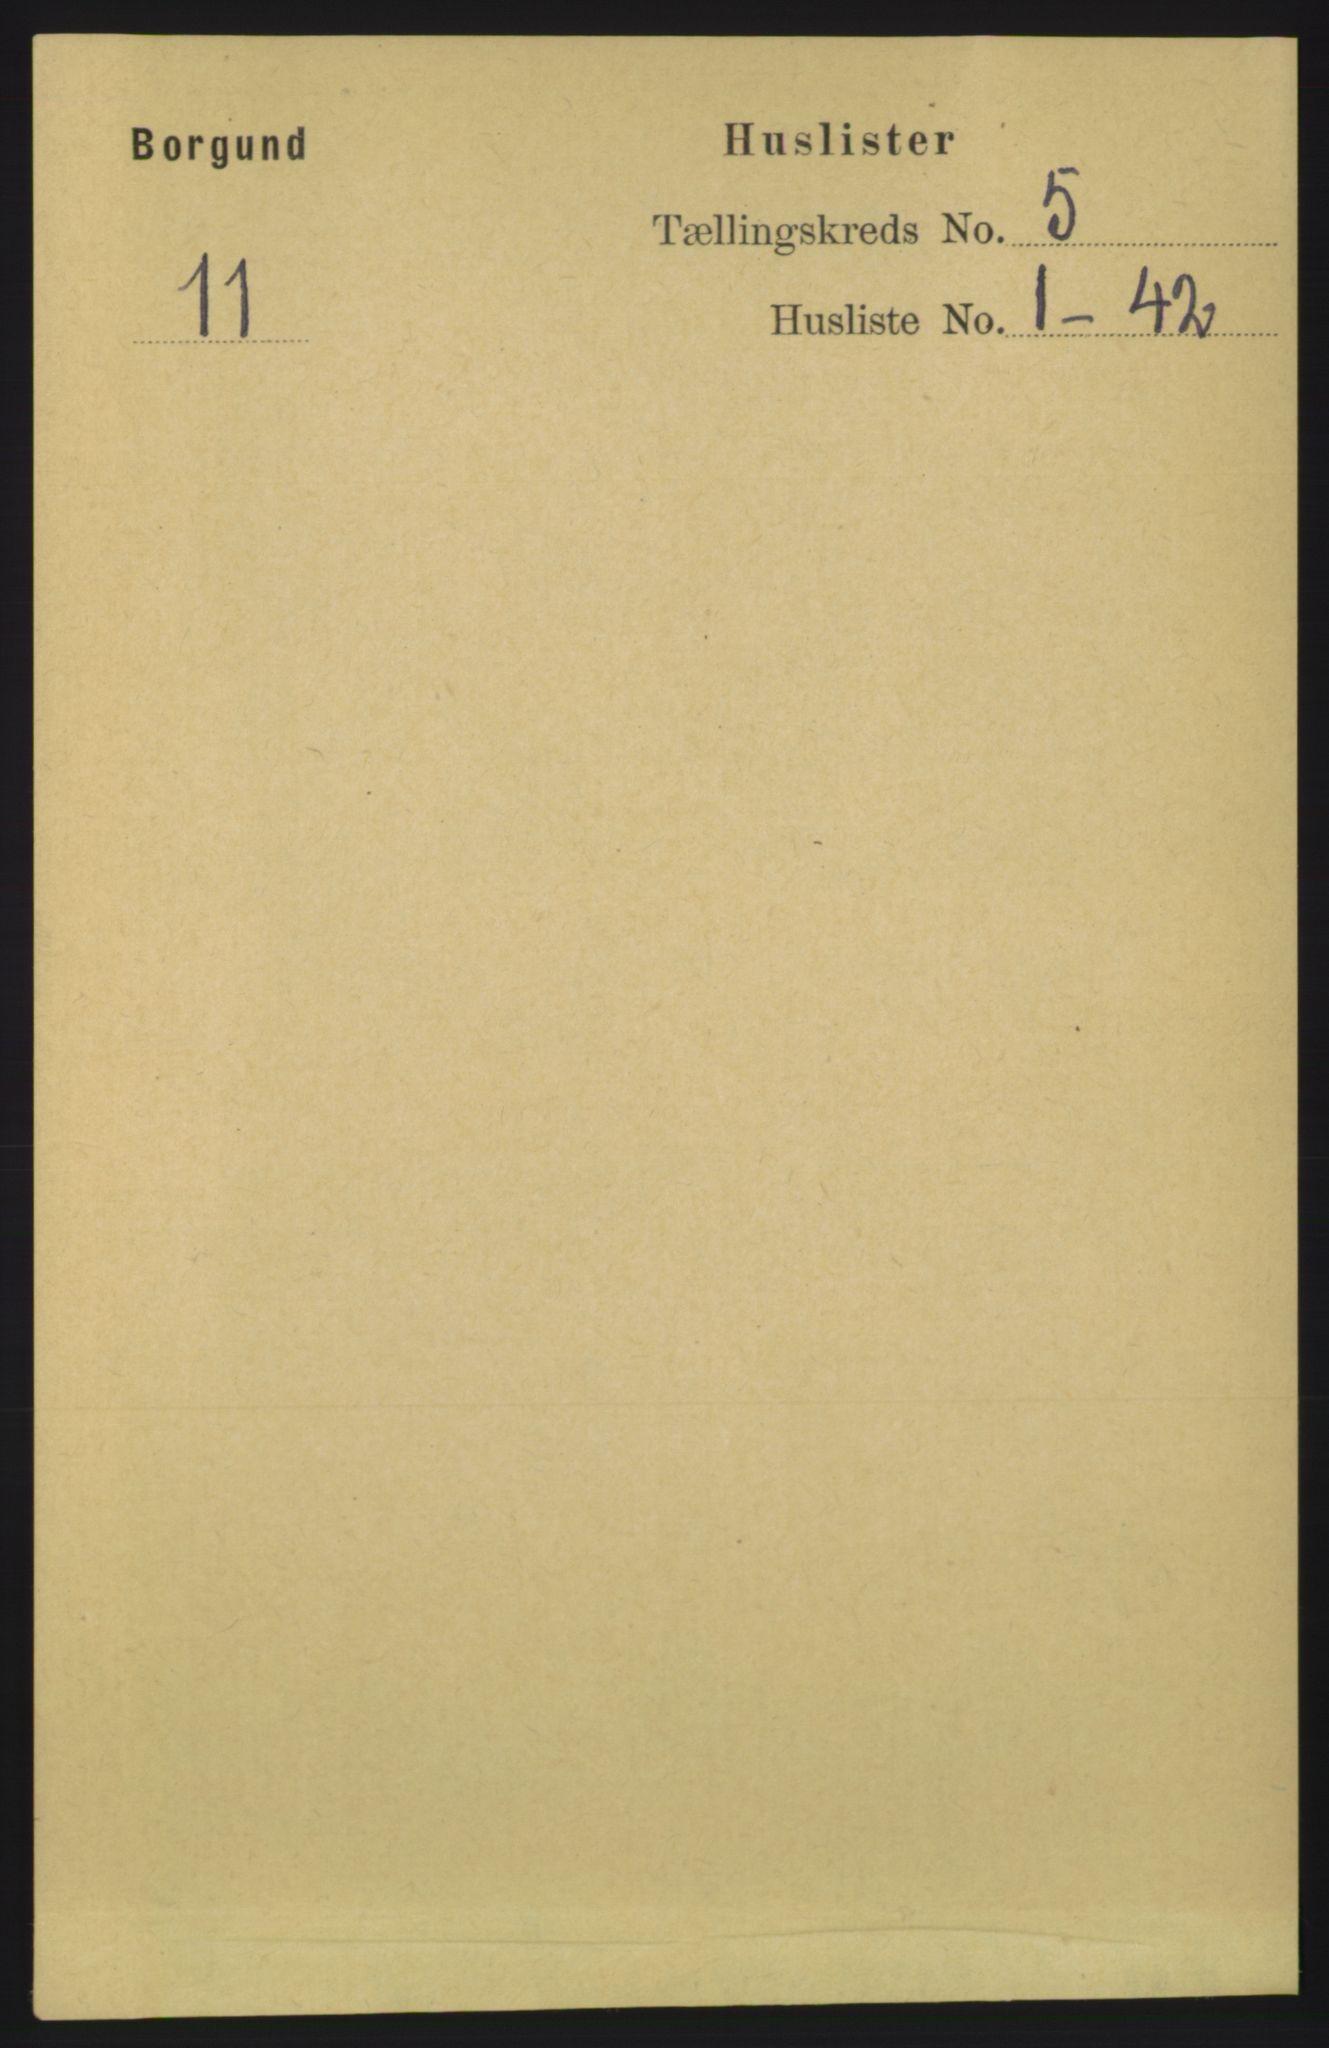 RA, Folketelling 1891 for 1531 Borgund herred, 1891, s. 1220